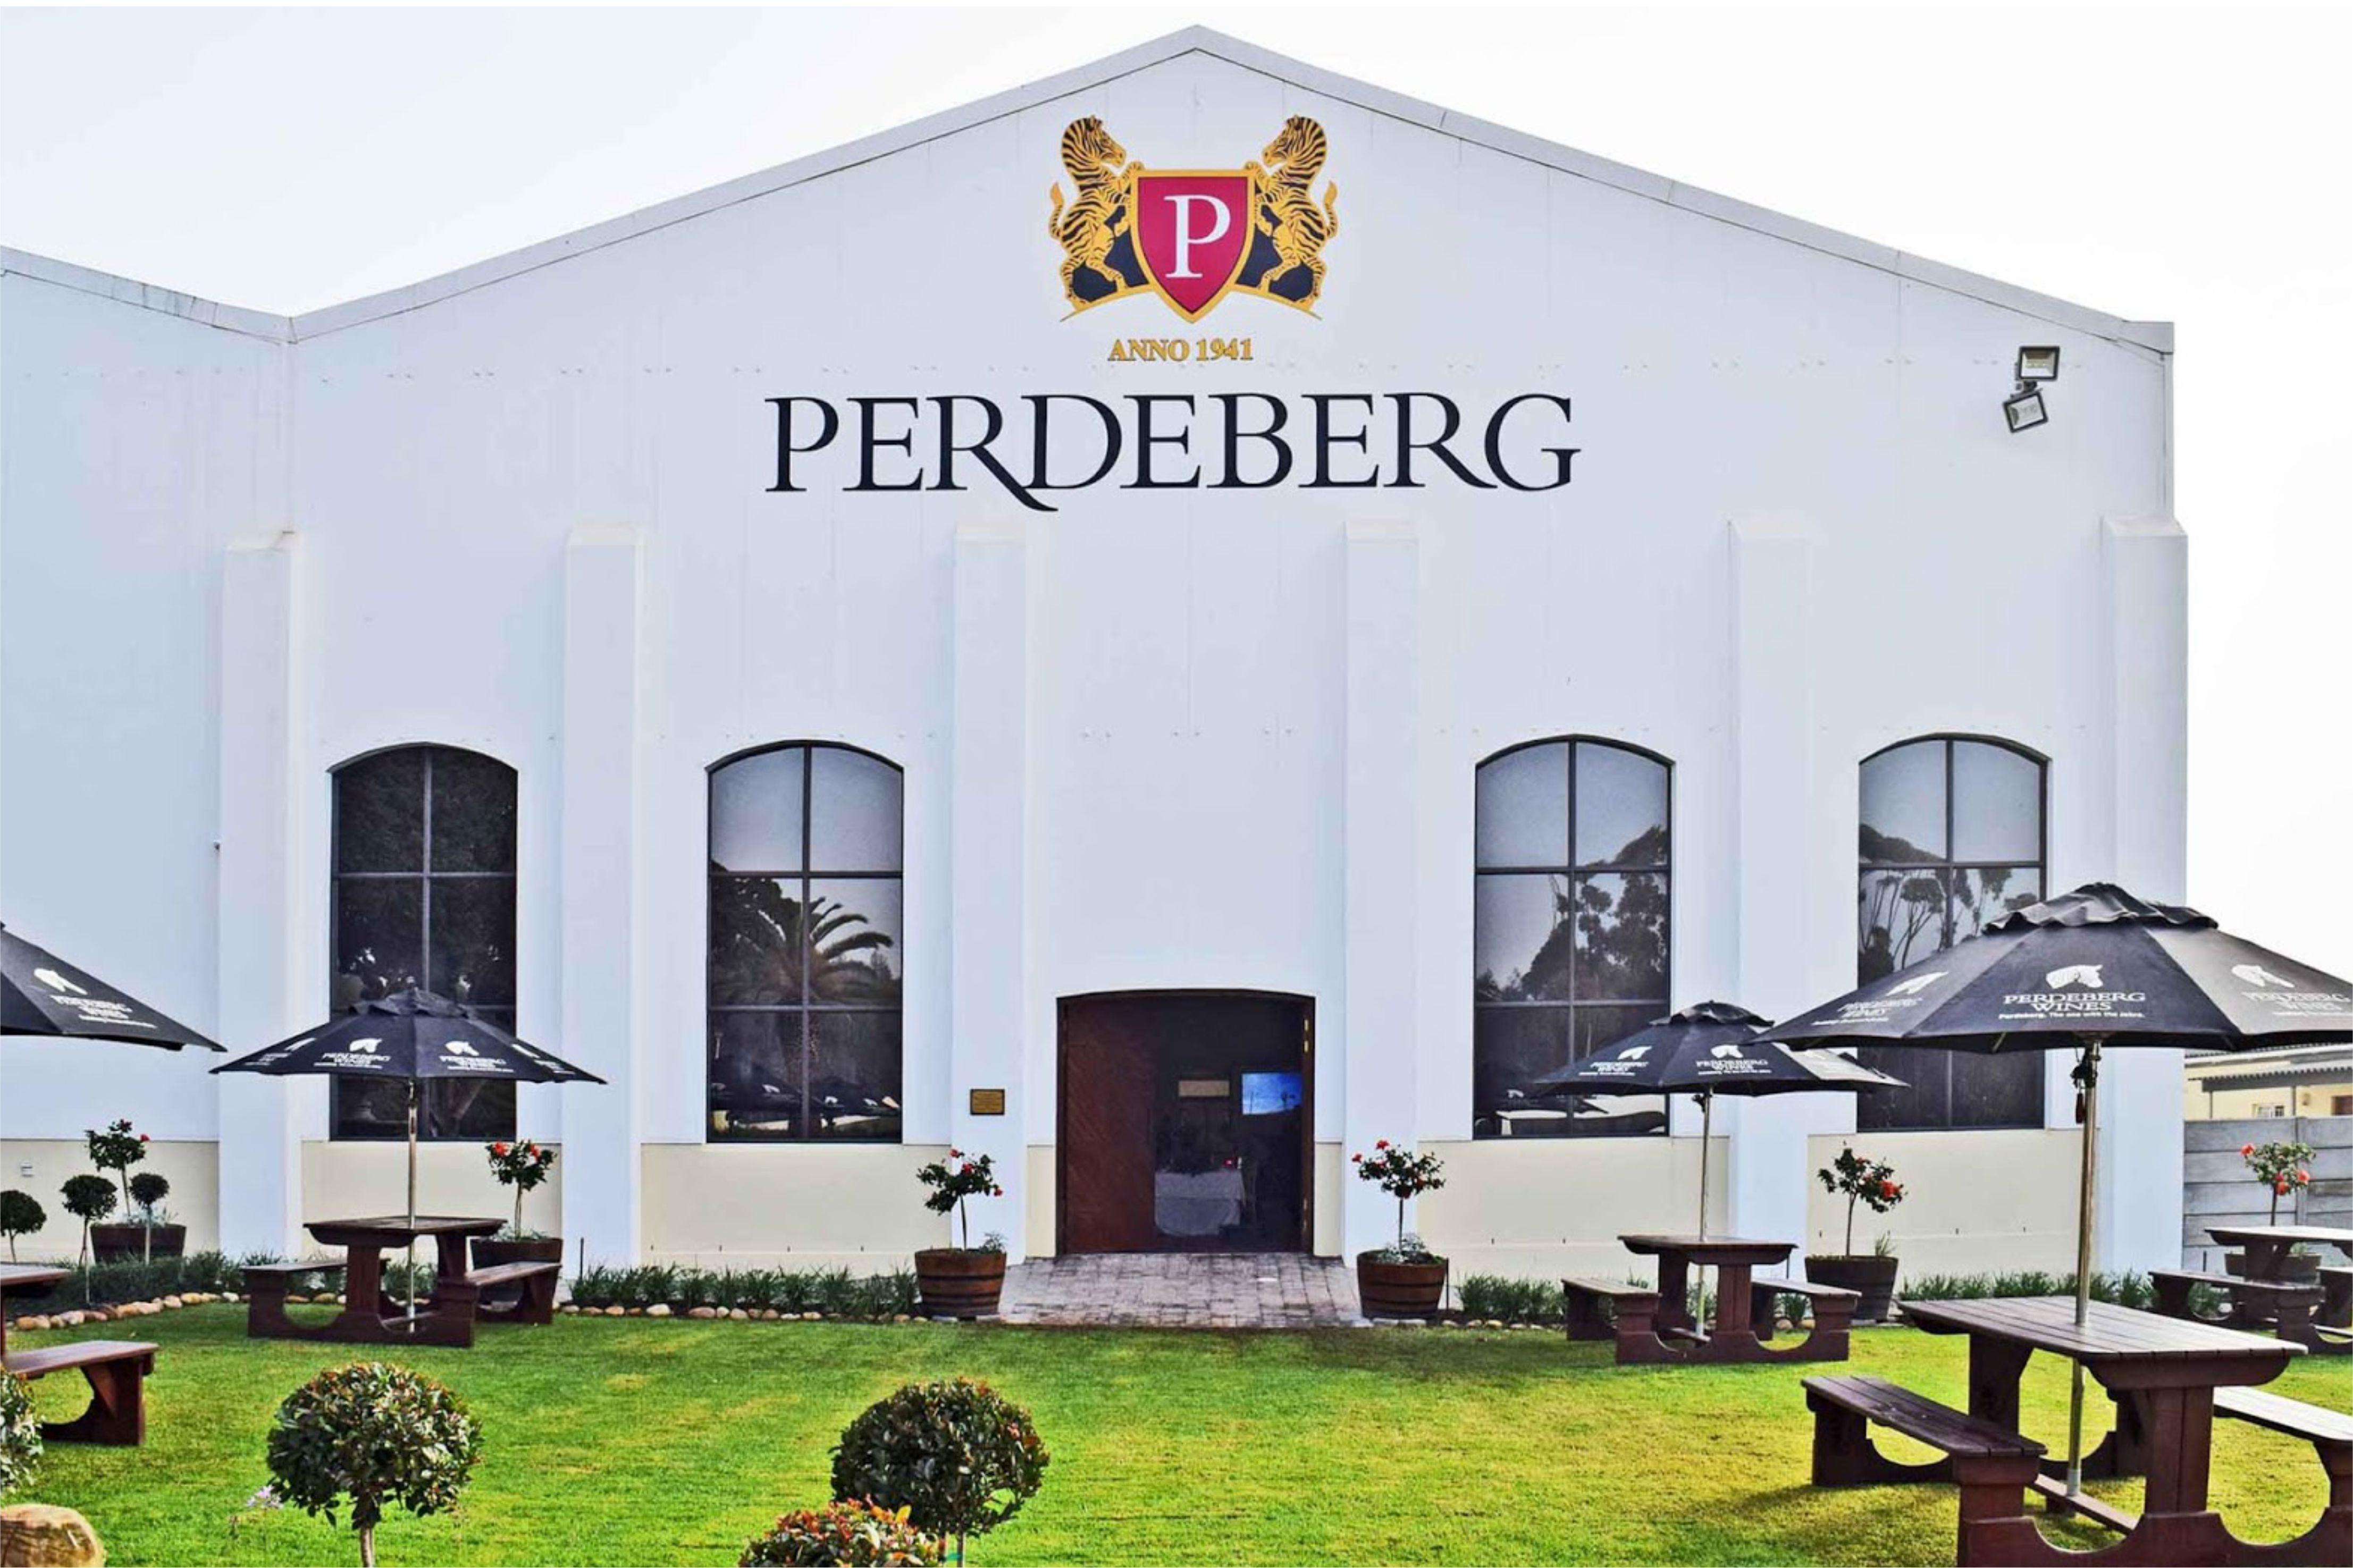 Perdeberg Winery Wine Tasting